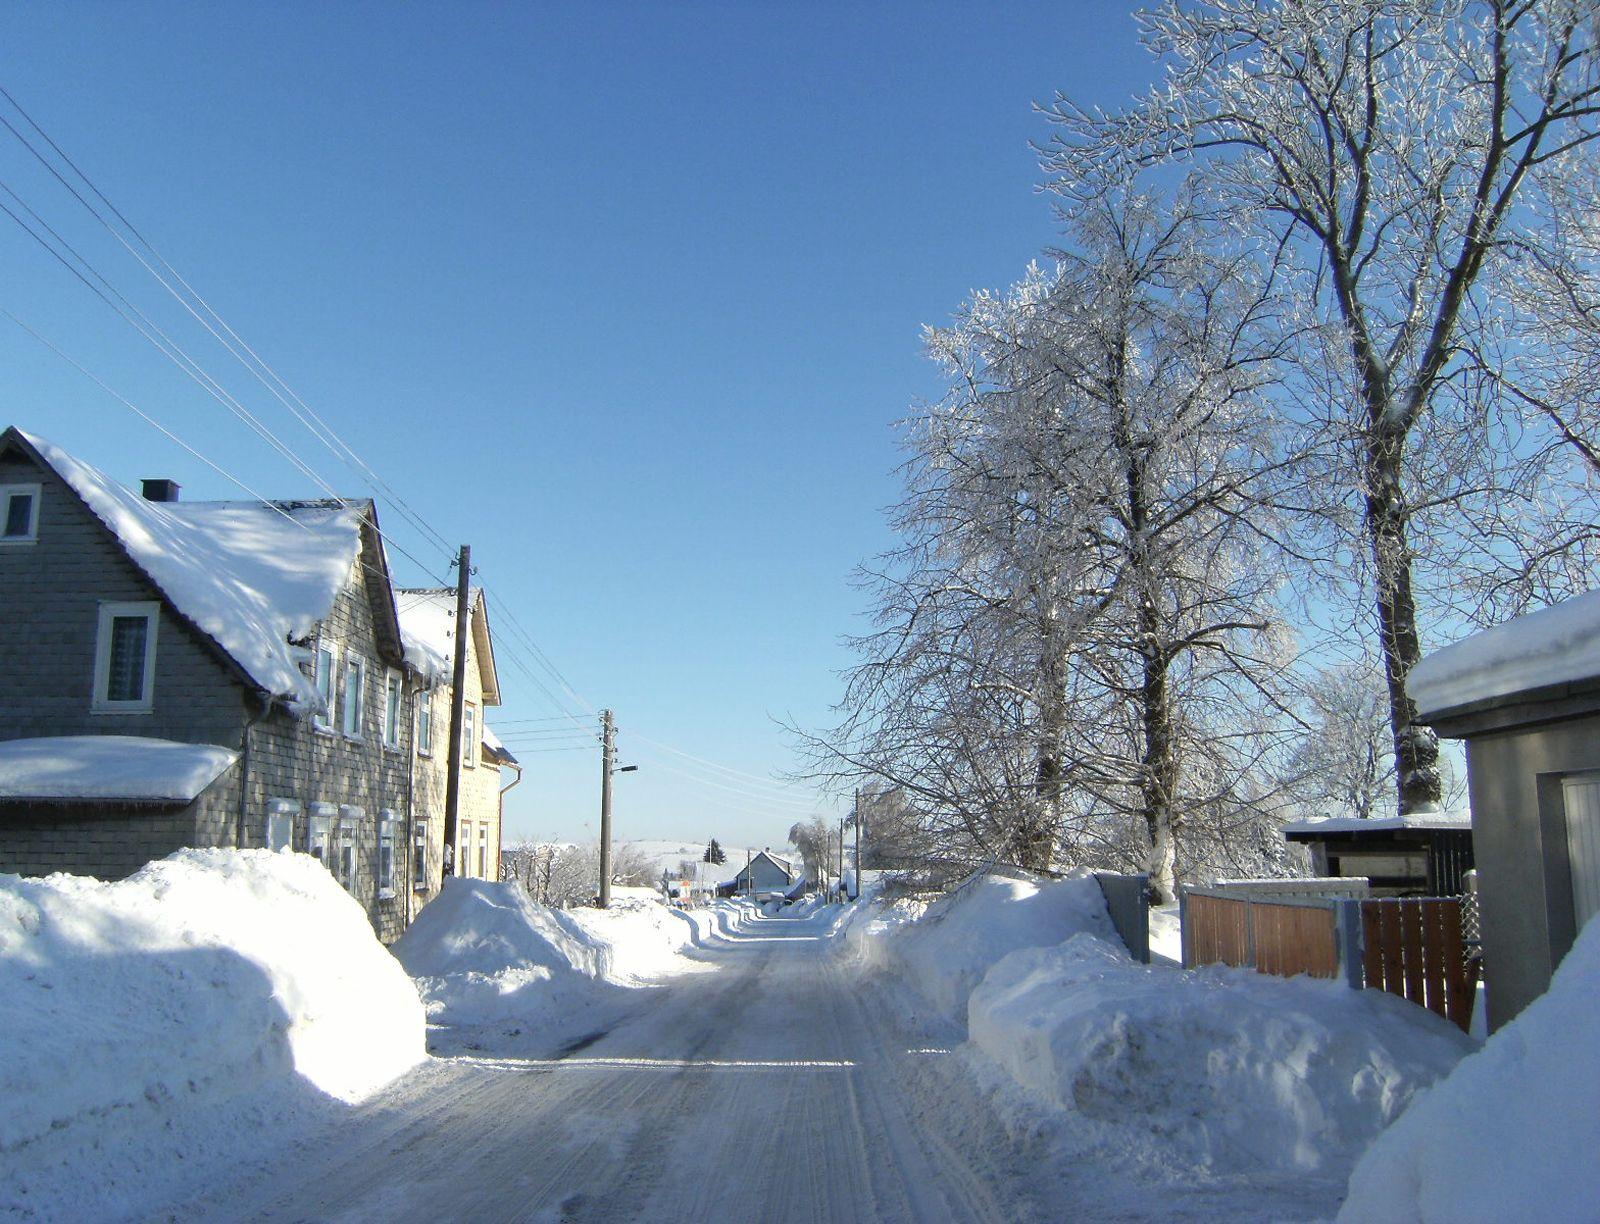 Thuringian Winter - Marcus